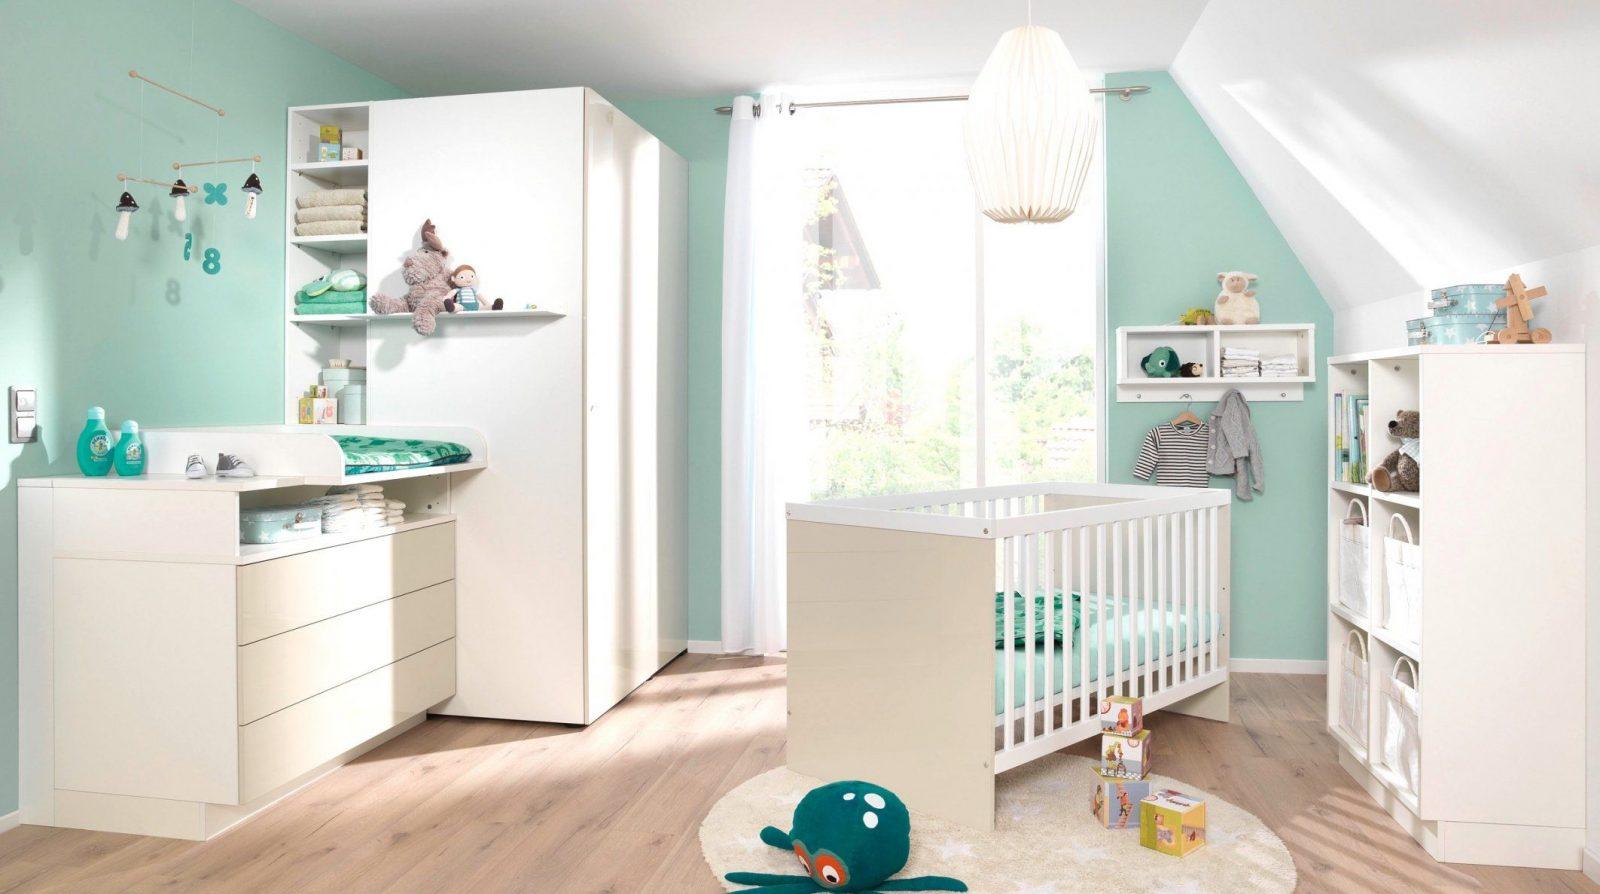 Wunderbare Ideen Babyzimmer Gestalten Kreative Und Fantastische Bild von Babyzimmer Gestalten Kreative Ideen Bild